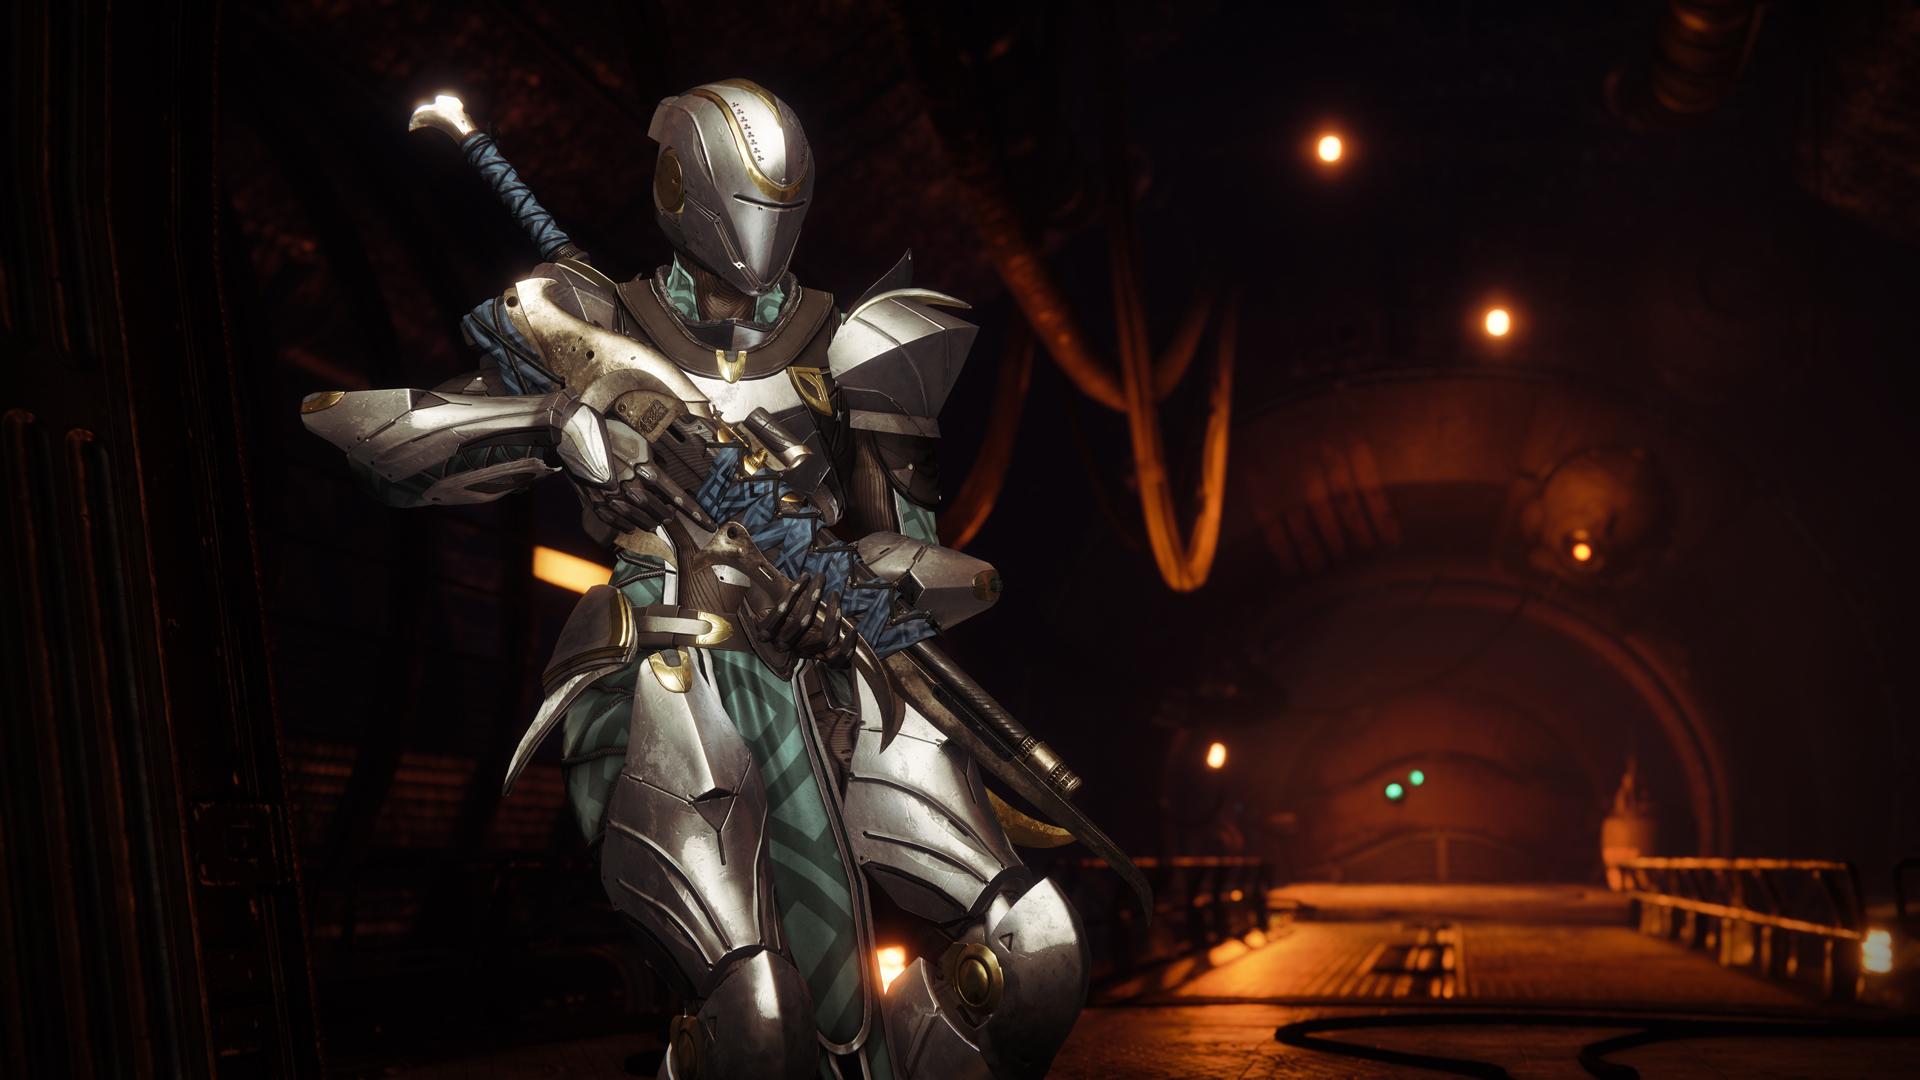 Destiny 2: Forsaken guide — How to start preparing for the